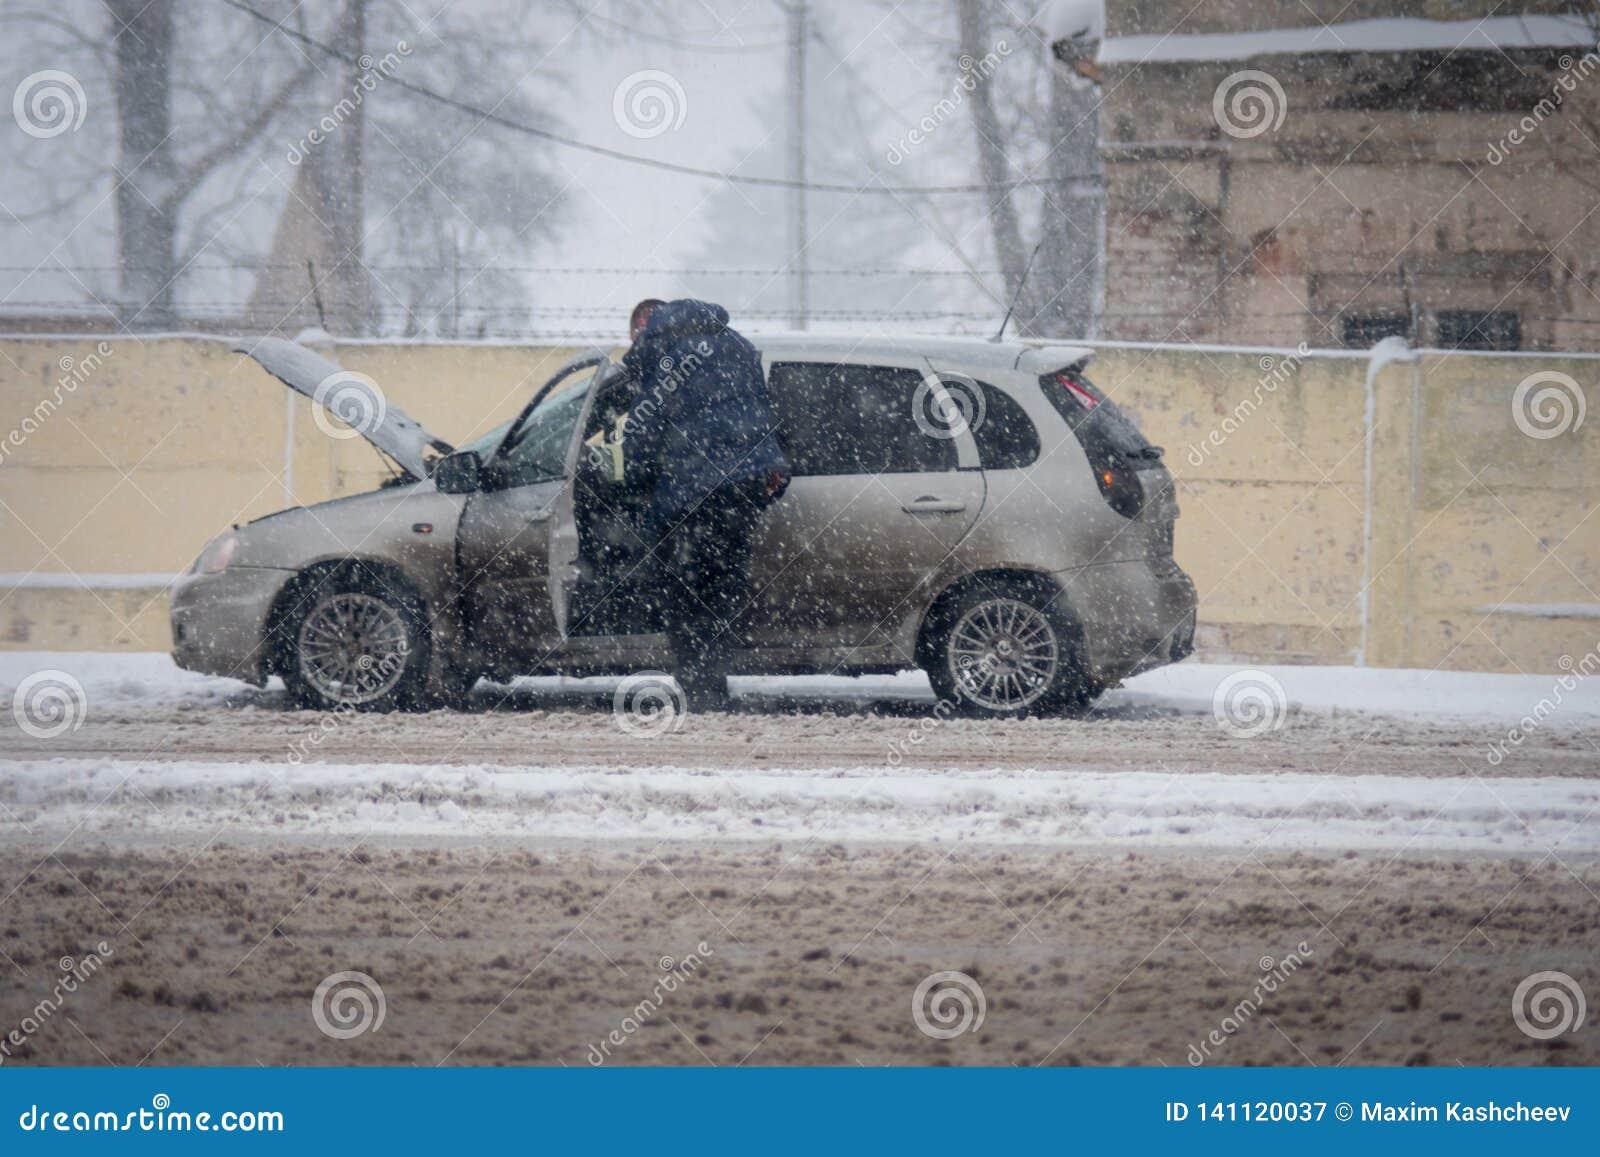 Homme réparant la voiture cassée sur la route en chutes de neige